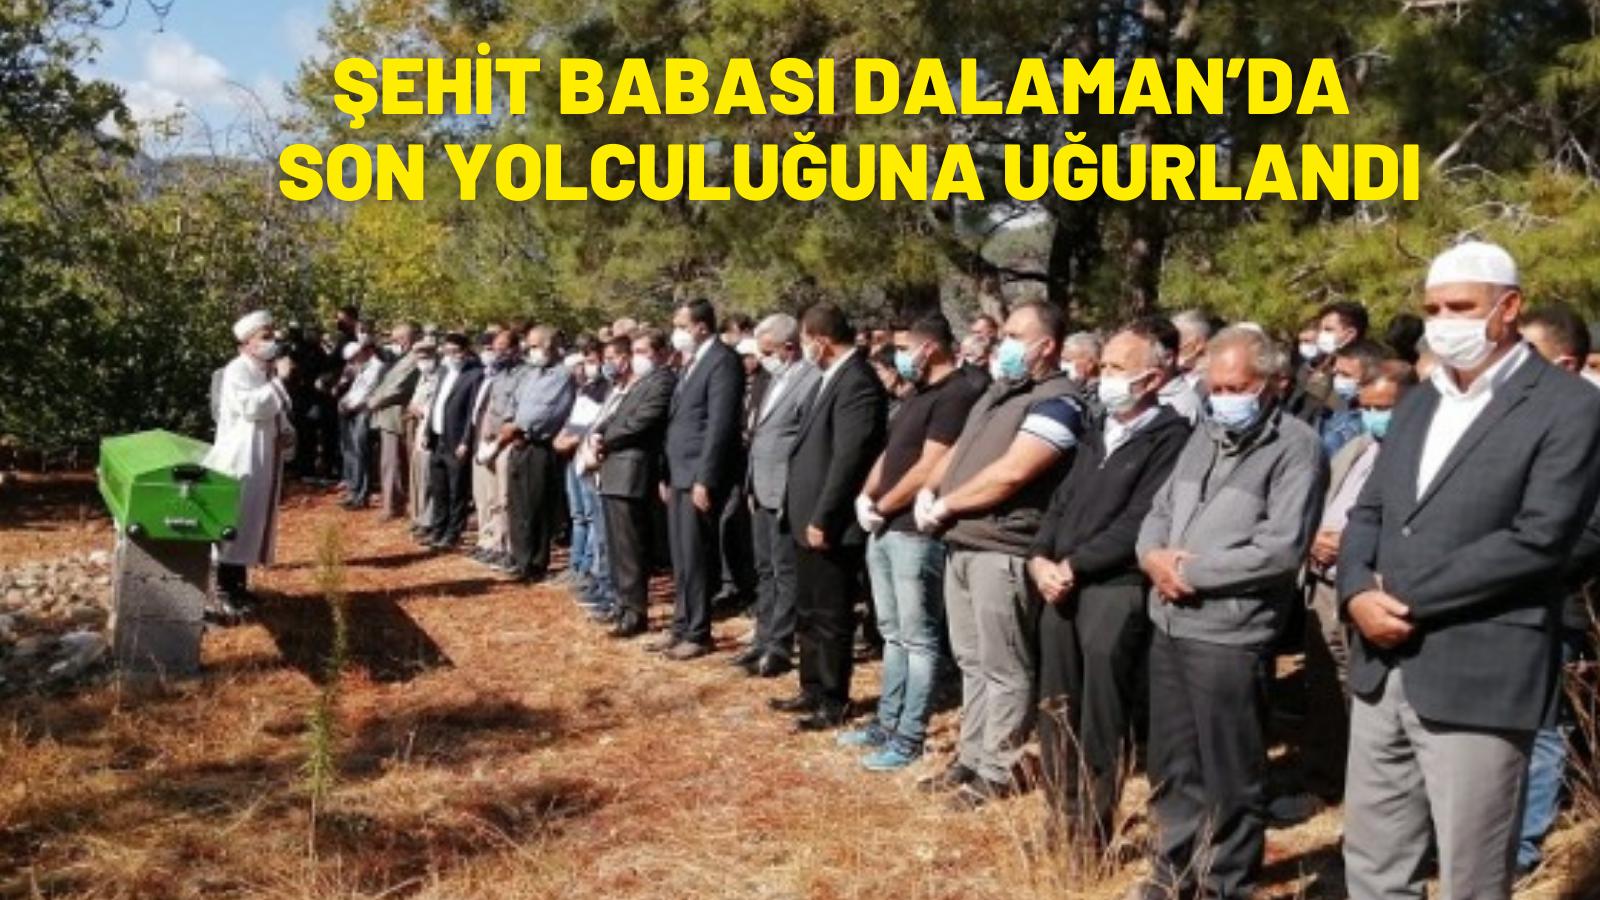 ŞEHİT BABASI DALAMAN'DA SON YOLCULUĞUNA UĞURLANDI